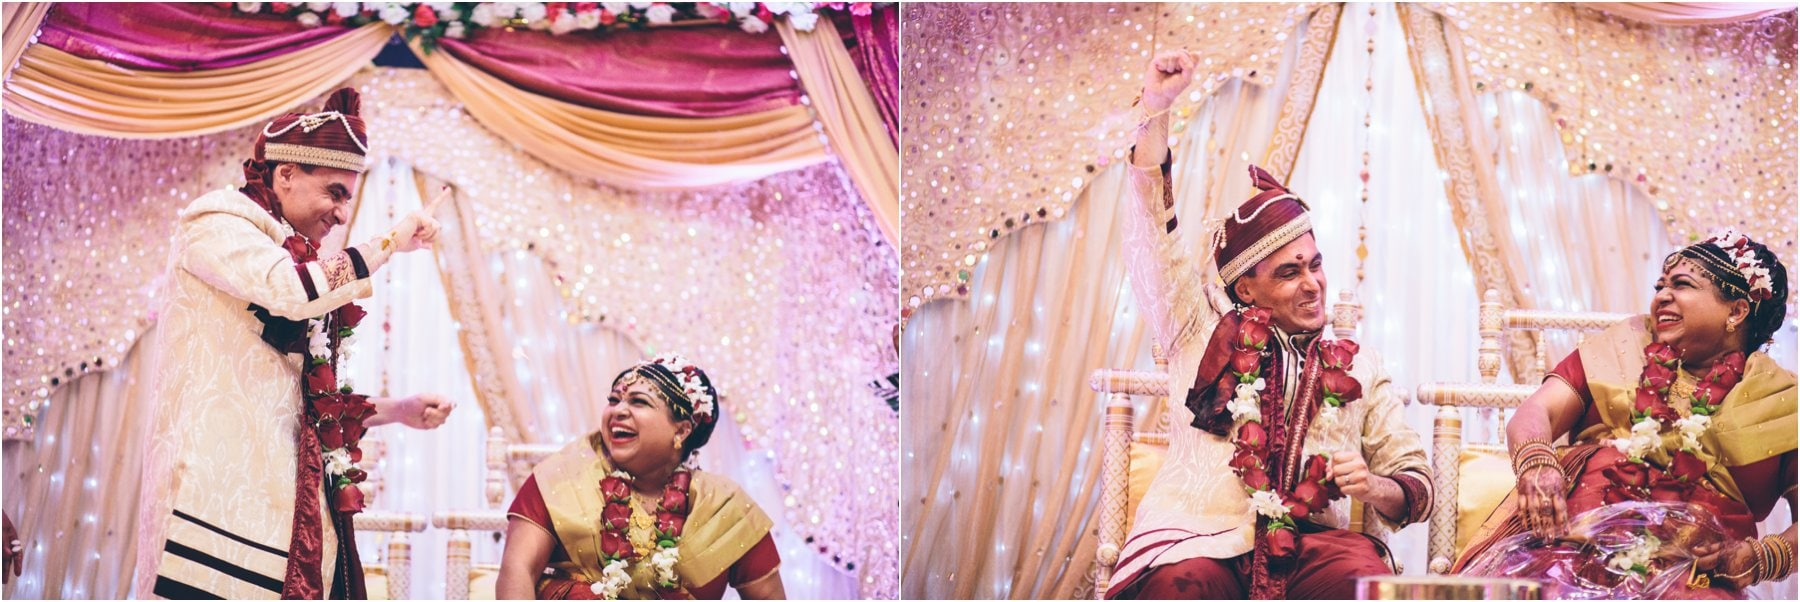 Lancashire_Indian_Wedding_Photography_0113